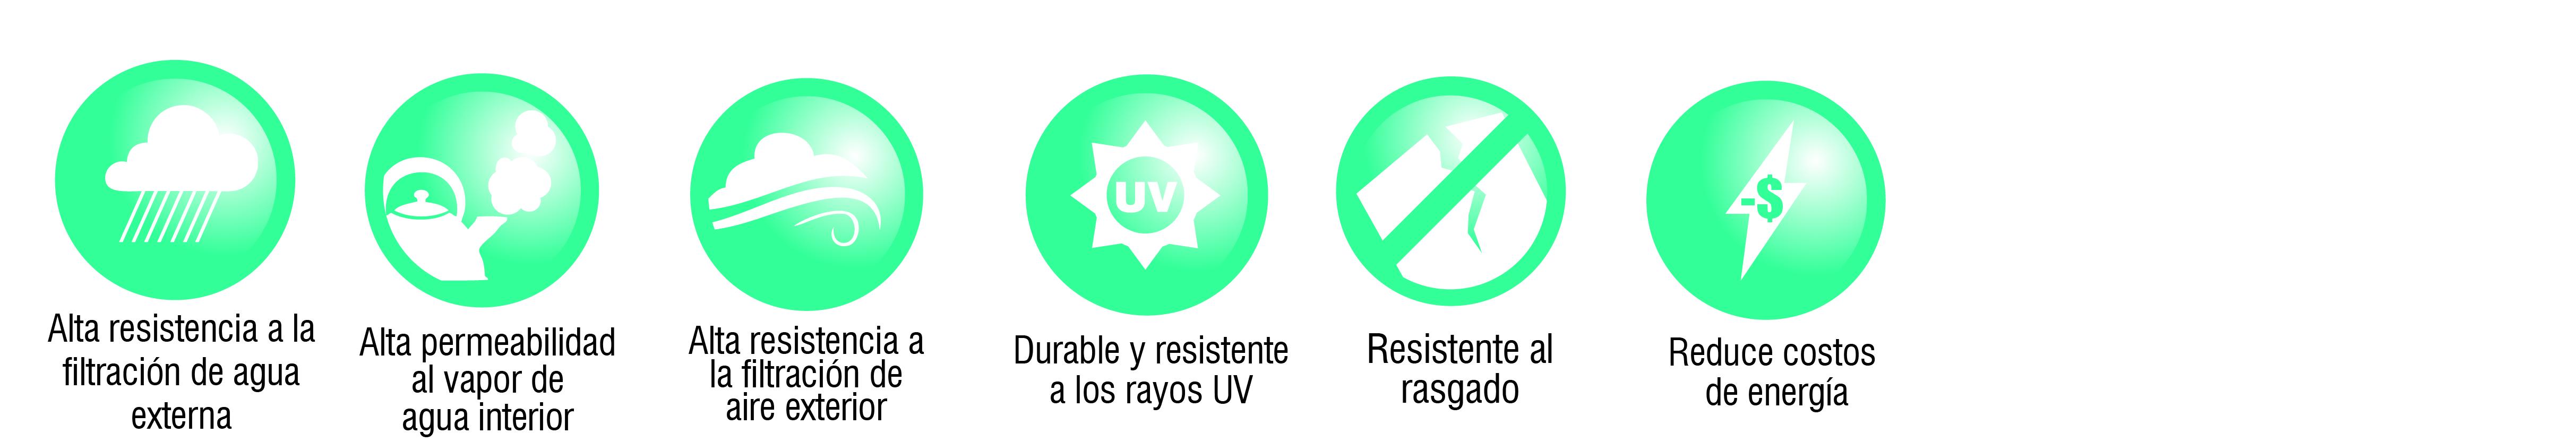 iconos ventajas volcanwrap home membrana hidrofuga